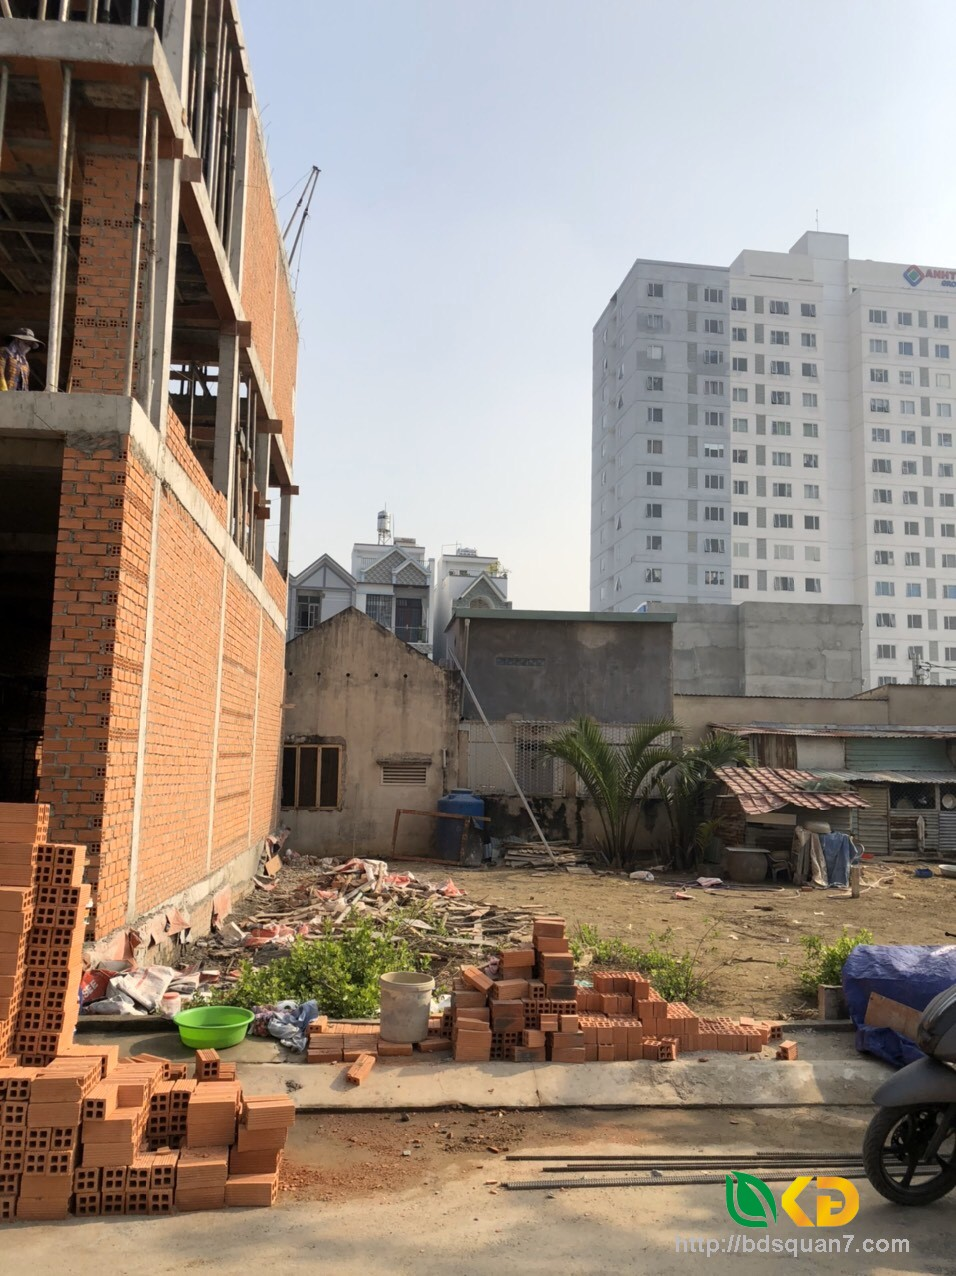 Bán lô đất hẻm xe hơi 2581 Huỳnh Tấn Phát huyện Nhà Bè